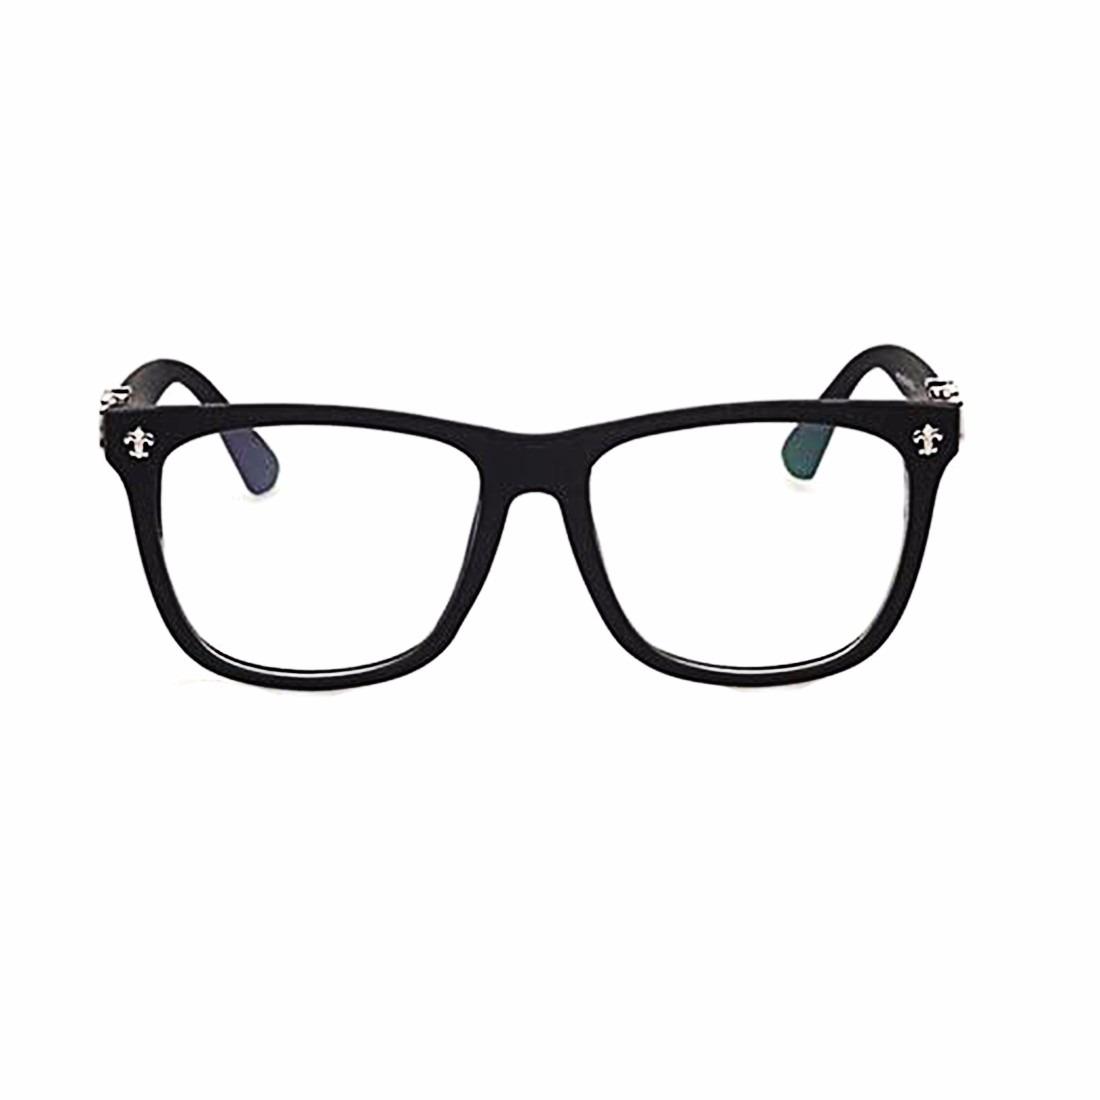 armação óculos d grau acetato quadrado feminino masculino br. Carregando  zoom. 9eea648e26